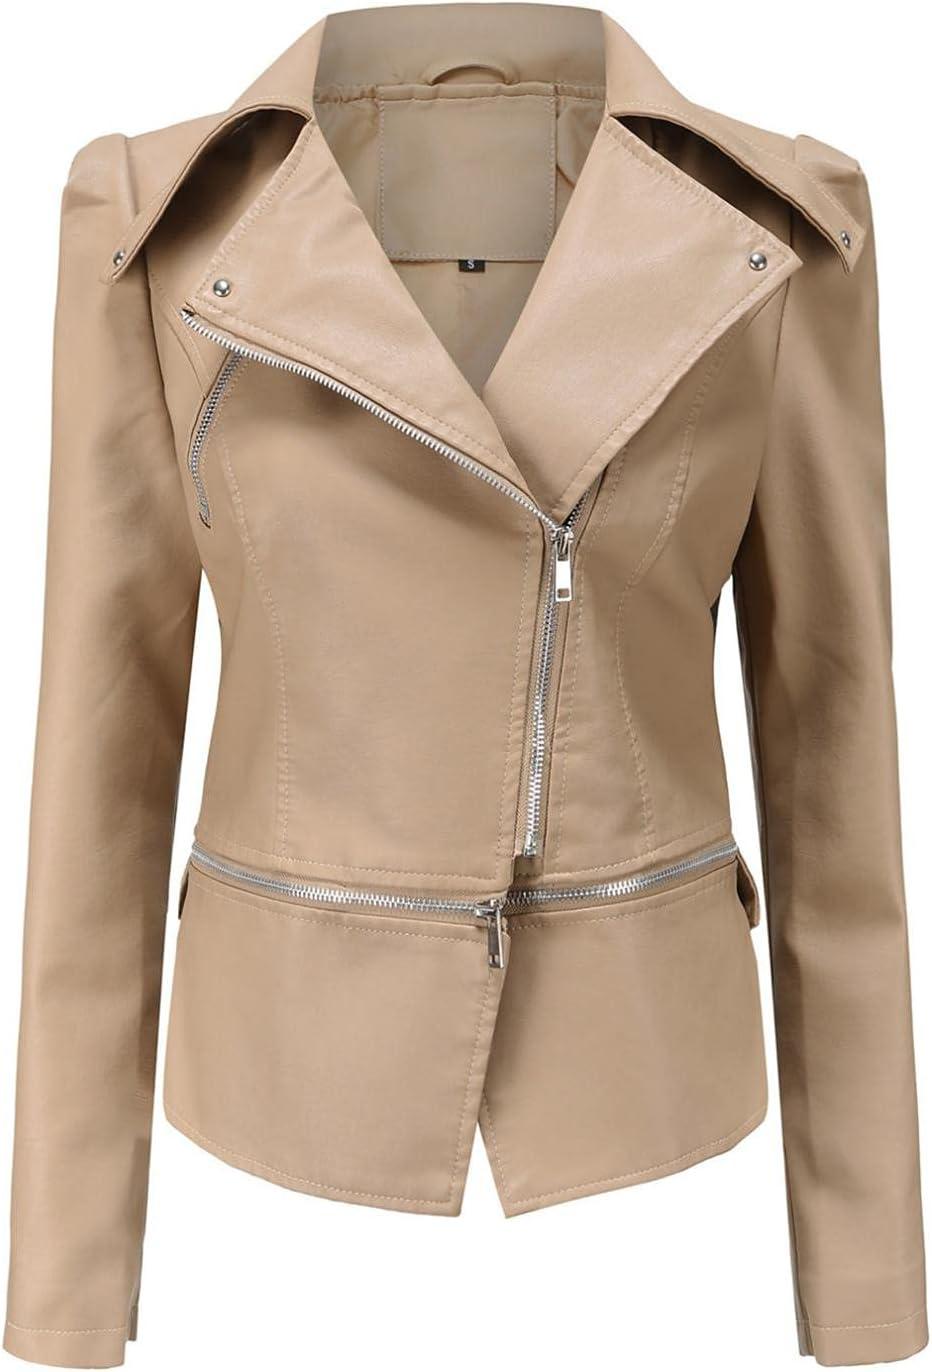 Women Fashion Faux Leather Jacket Punk Style Lapel Long Sleeve Zipper Short Moto Biker Coat Outerwear